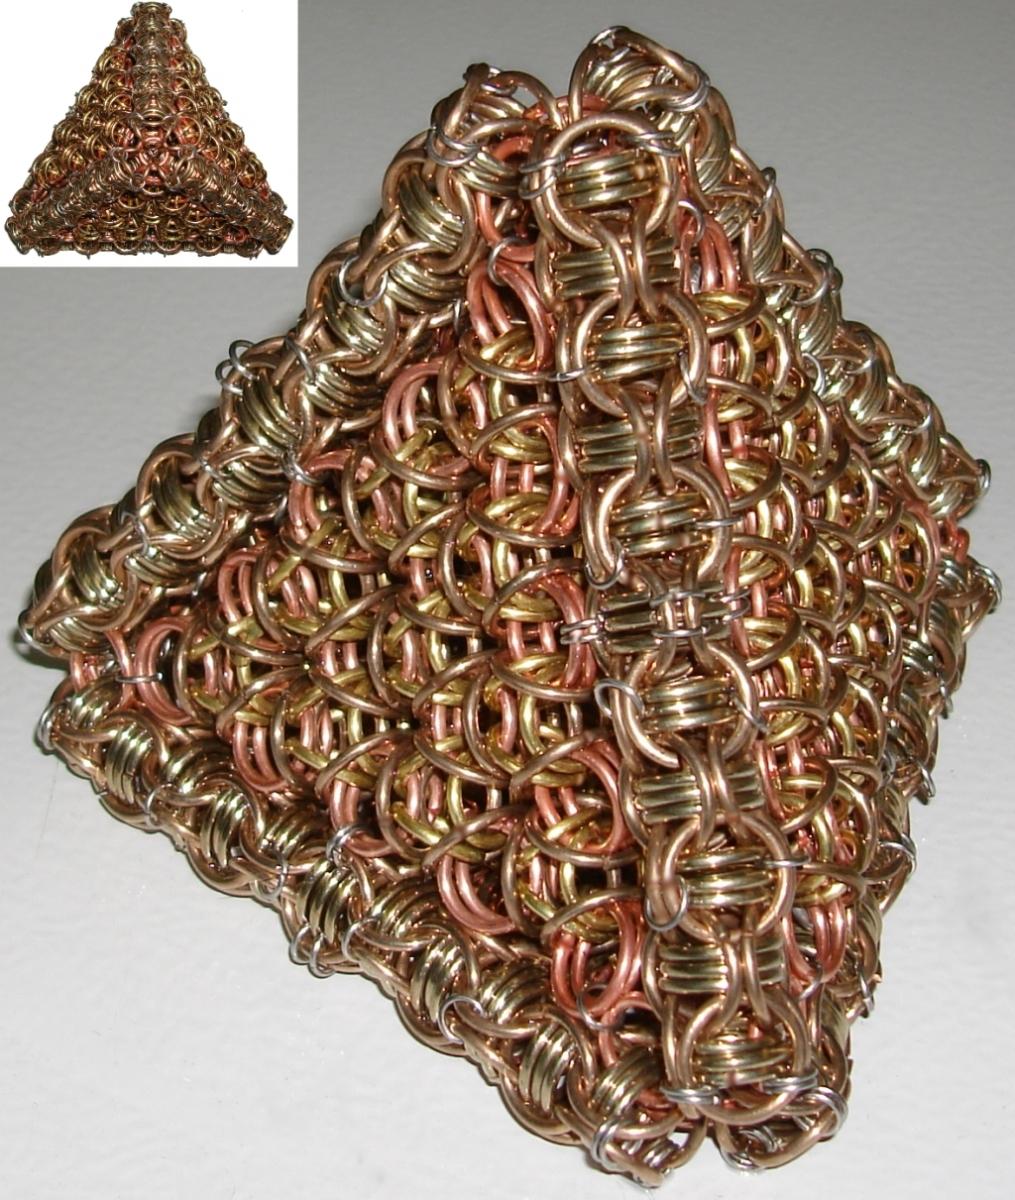 NickleSilver Bronze Pyramid By Rescyou